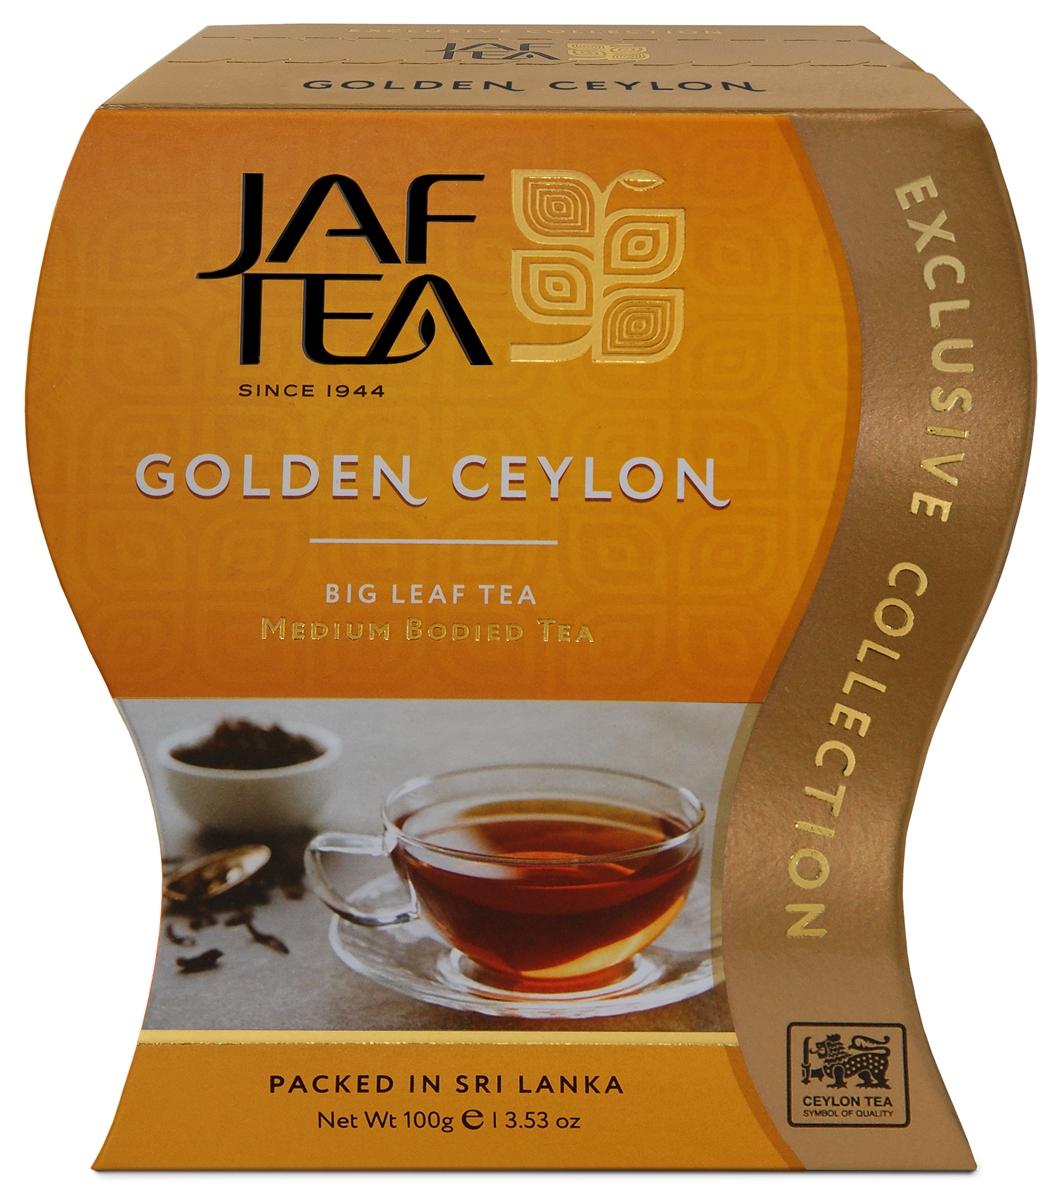 Jaf Tea Golden Ceylon сорт Оpa чай черный листовой, 100 г mabroc эрл грей чай черный листовой 100 г